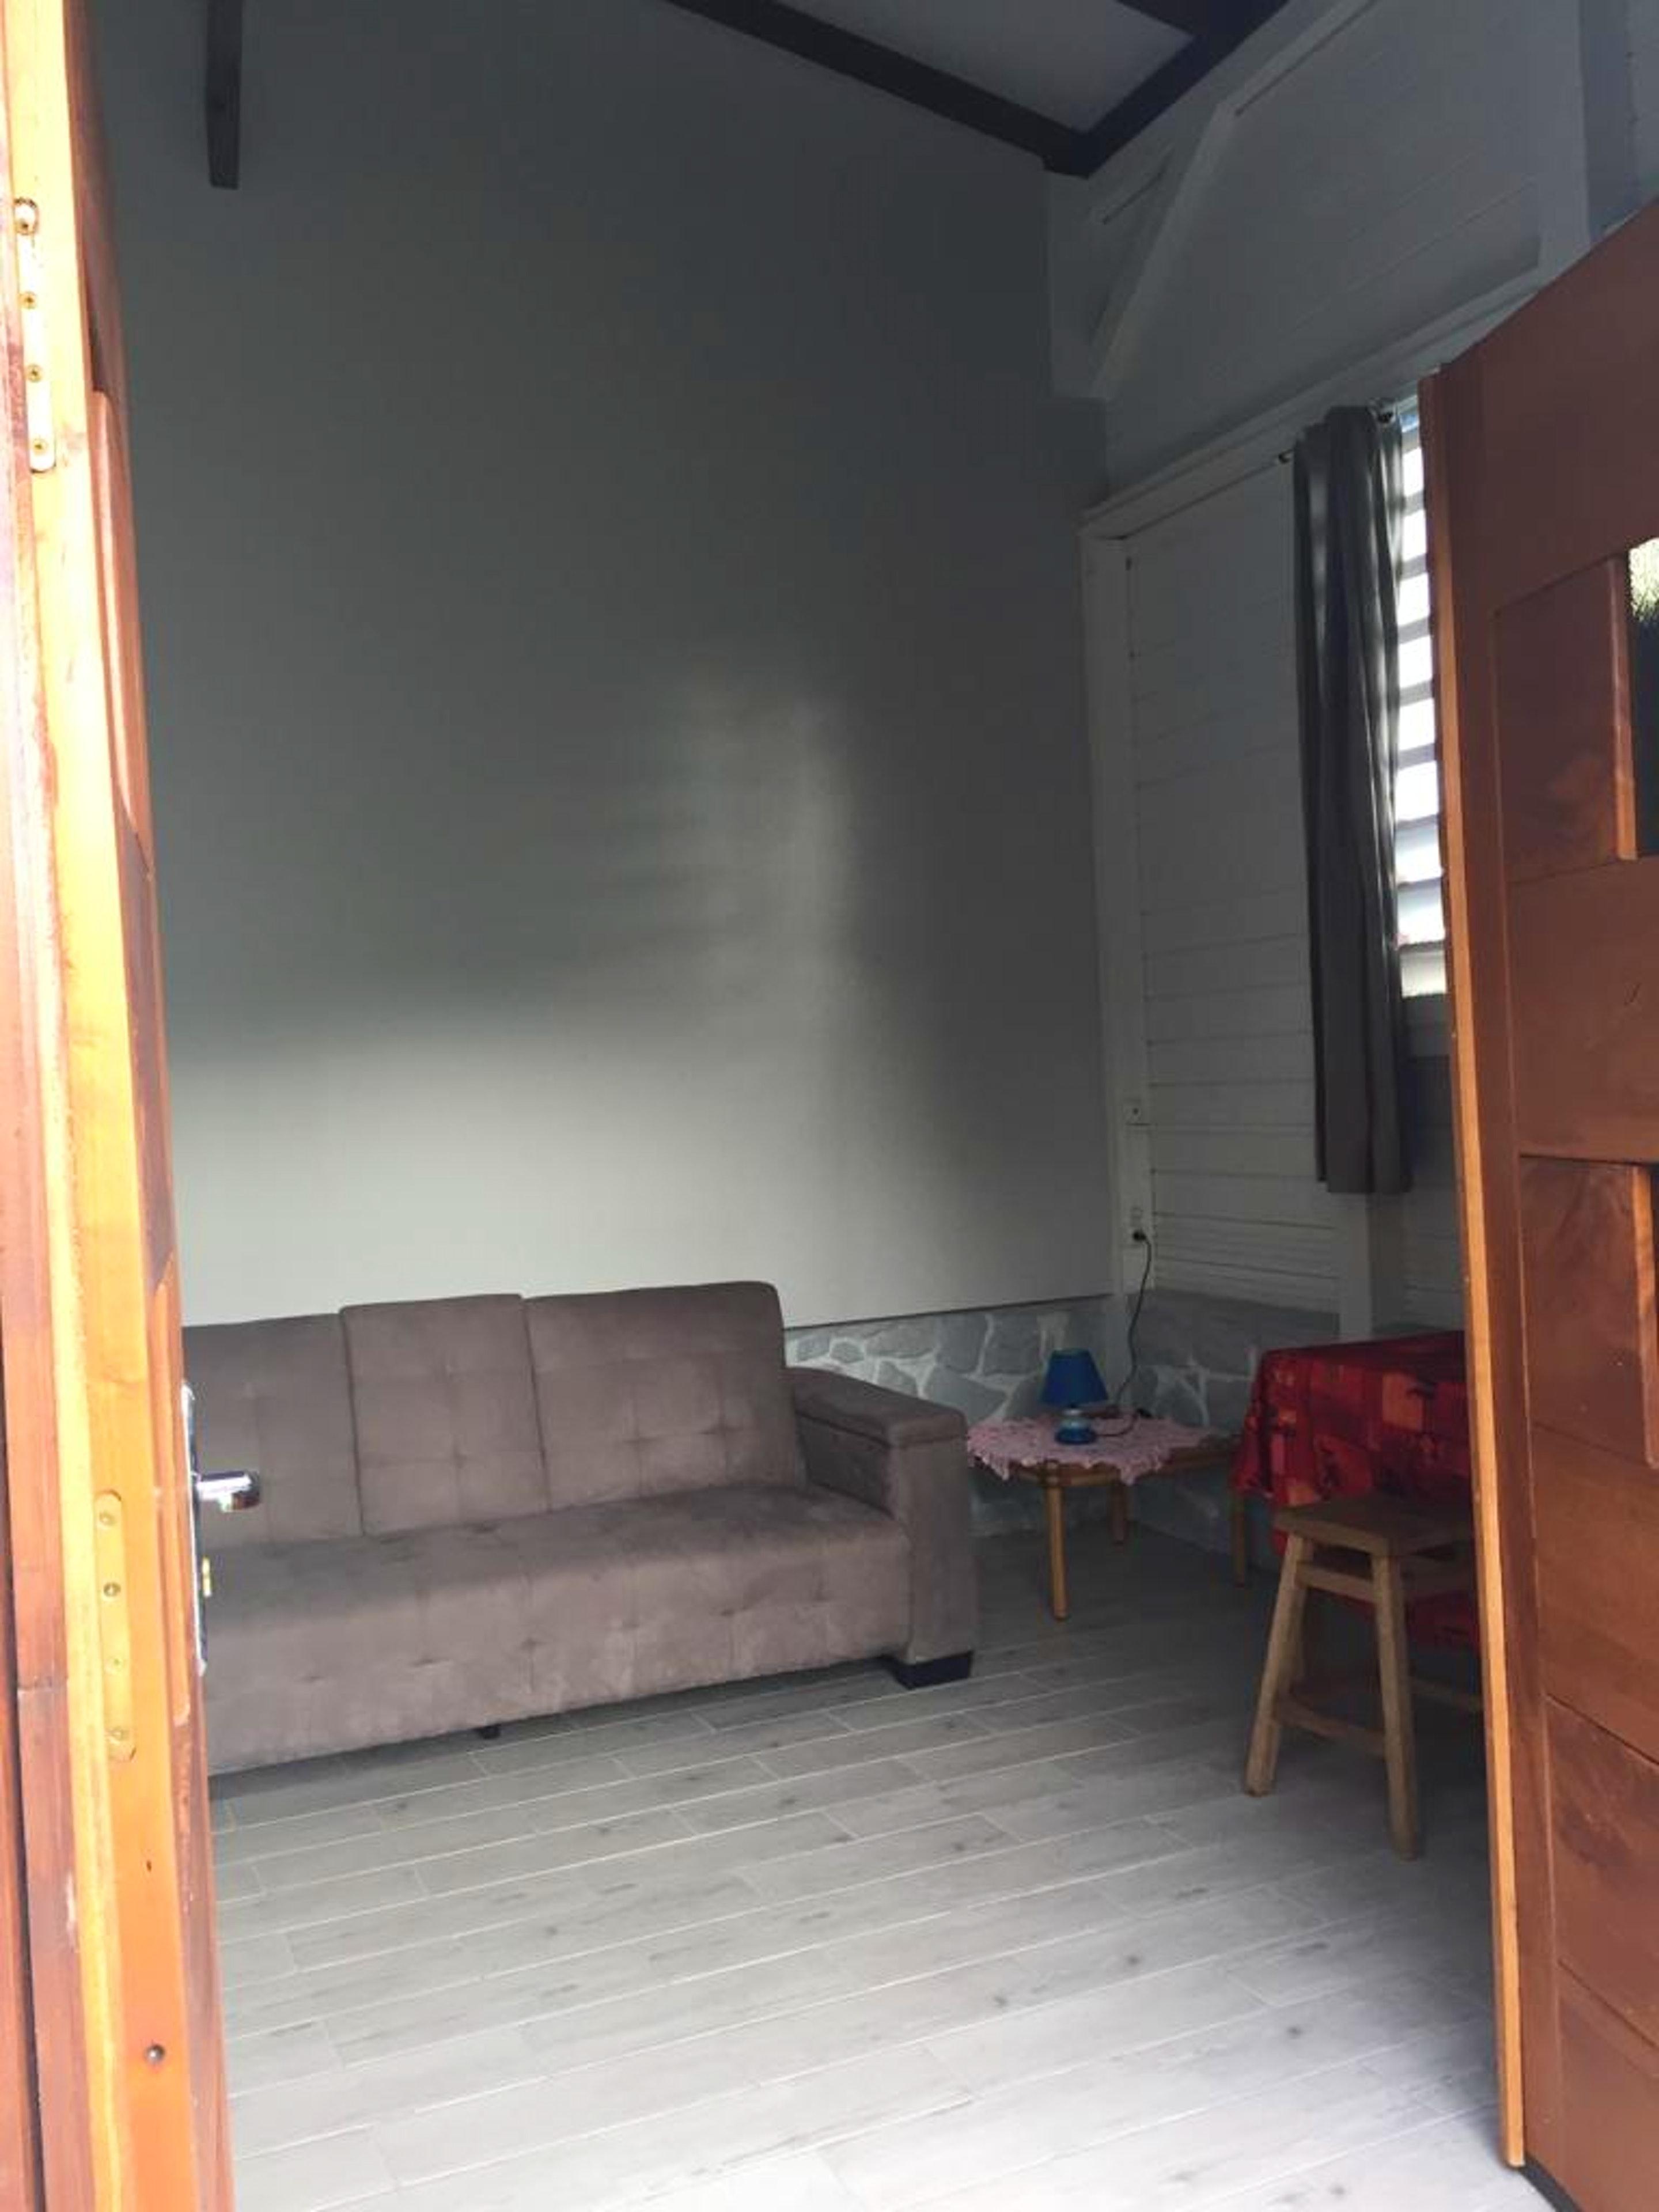 Studio in Trois Rivieres mit toller Aussicht auf d Ferienwohnung in Guadeloupe